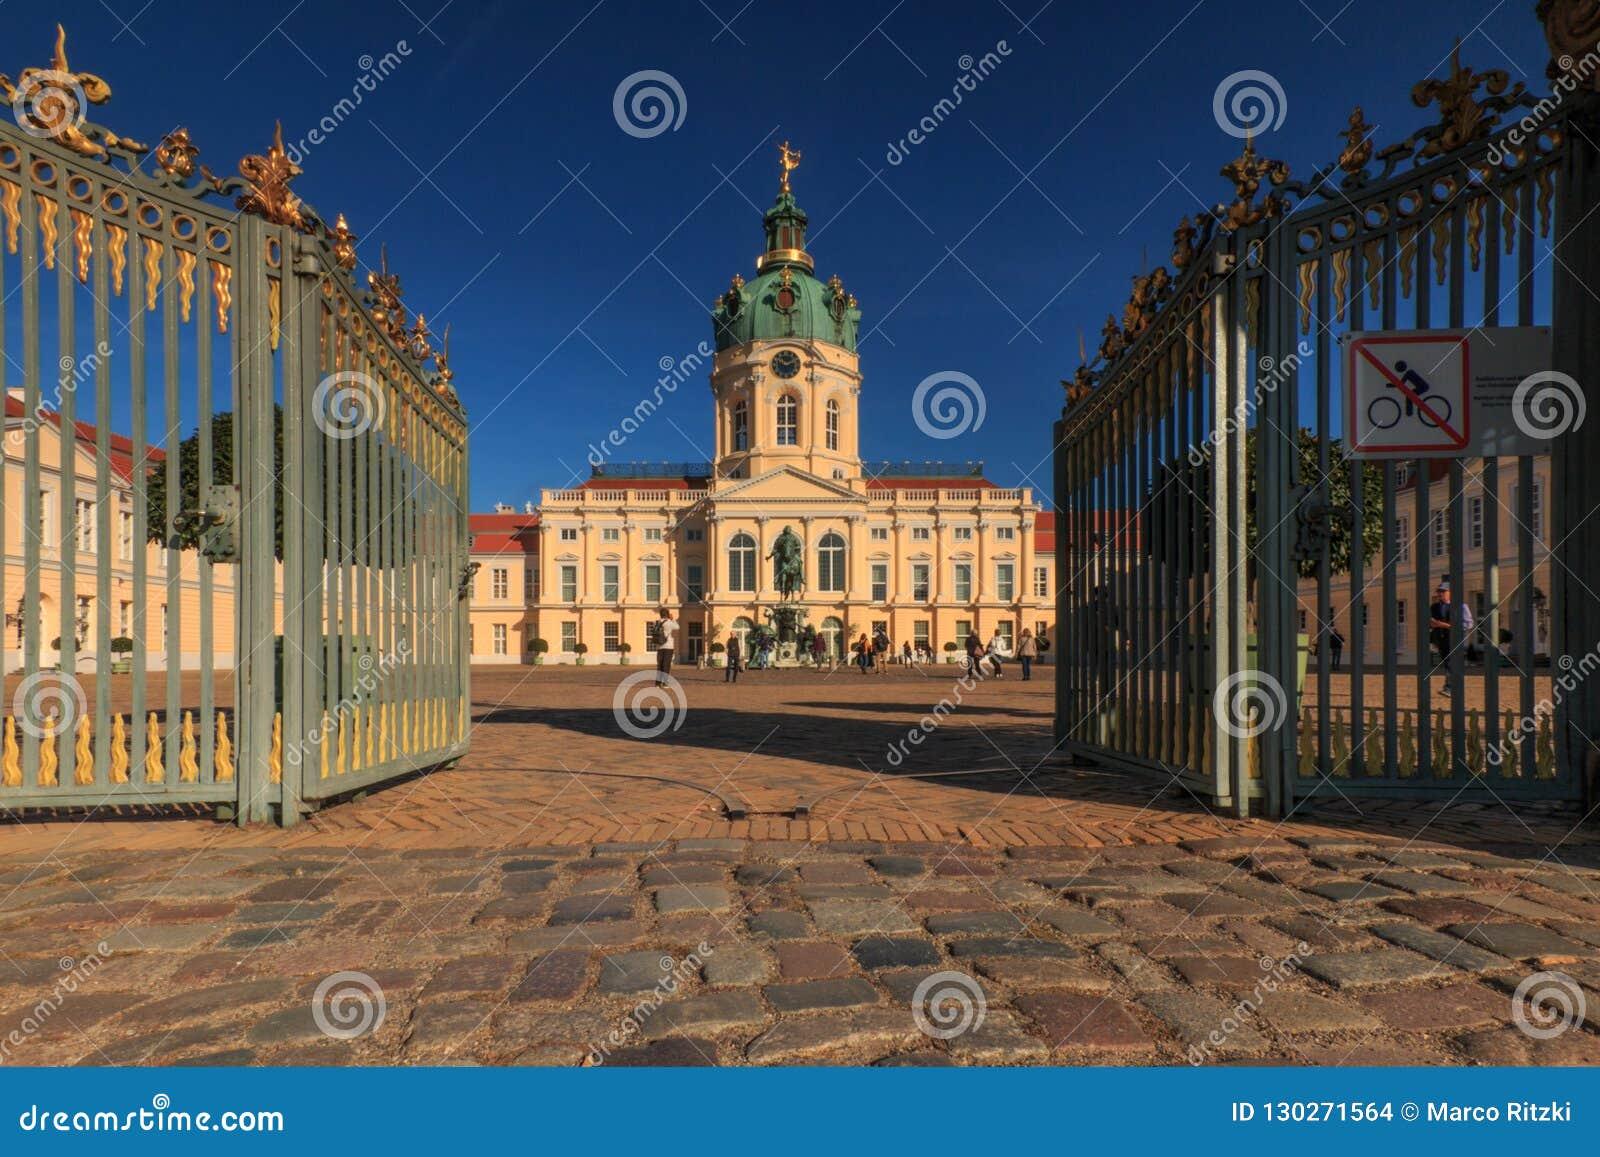 夏洛滕堡城堡和宫殿在天空蔚蓝的柏林